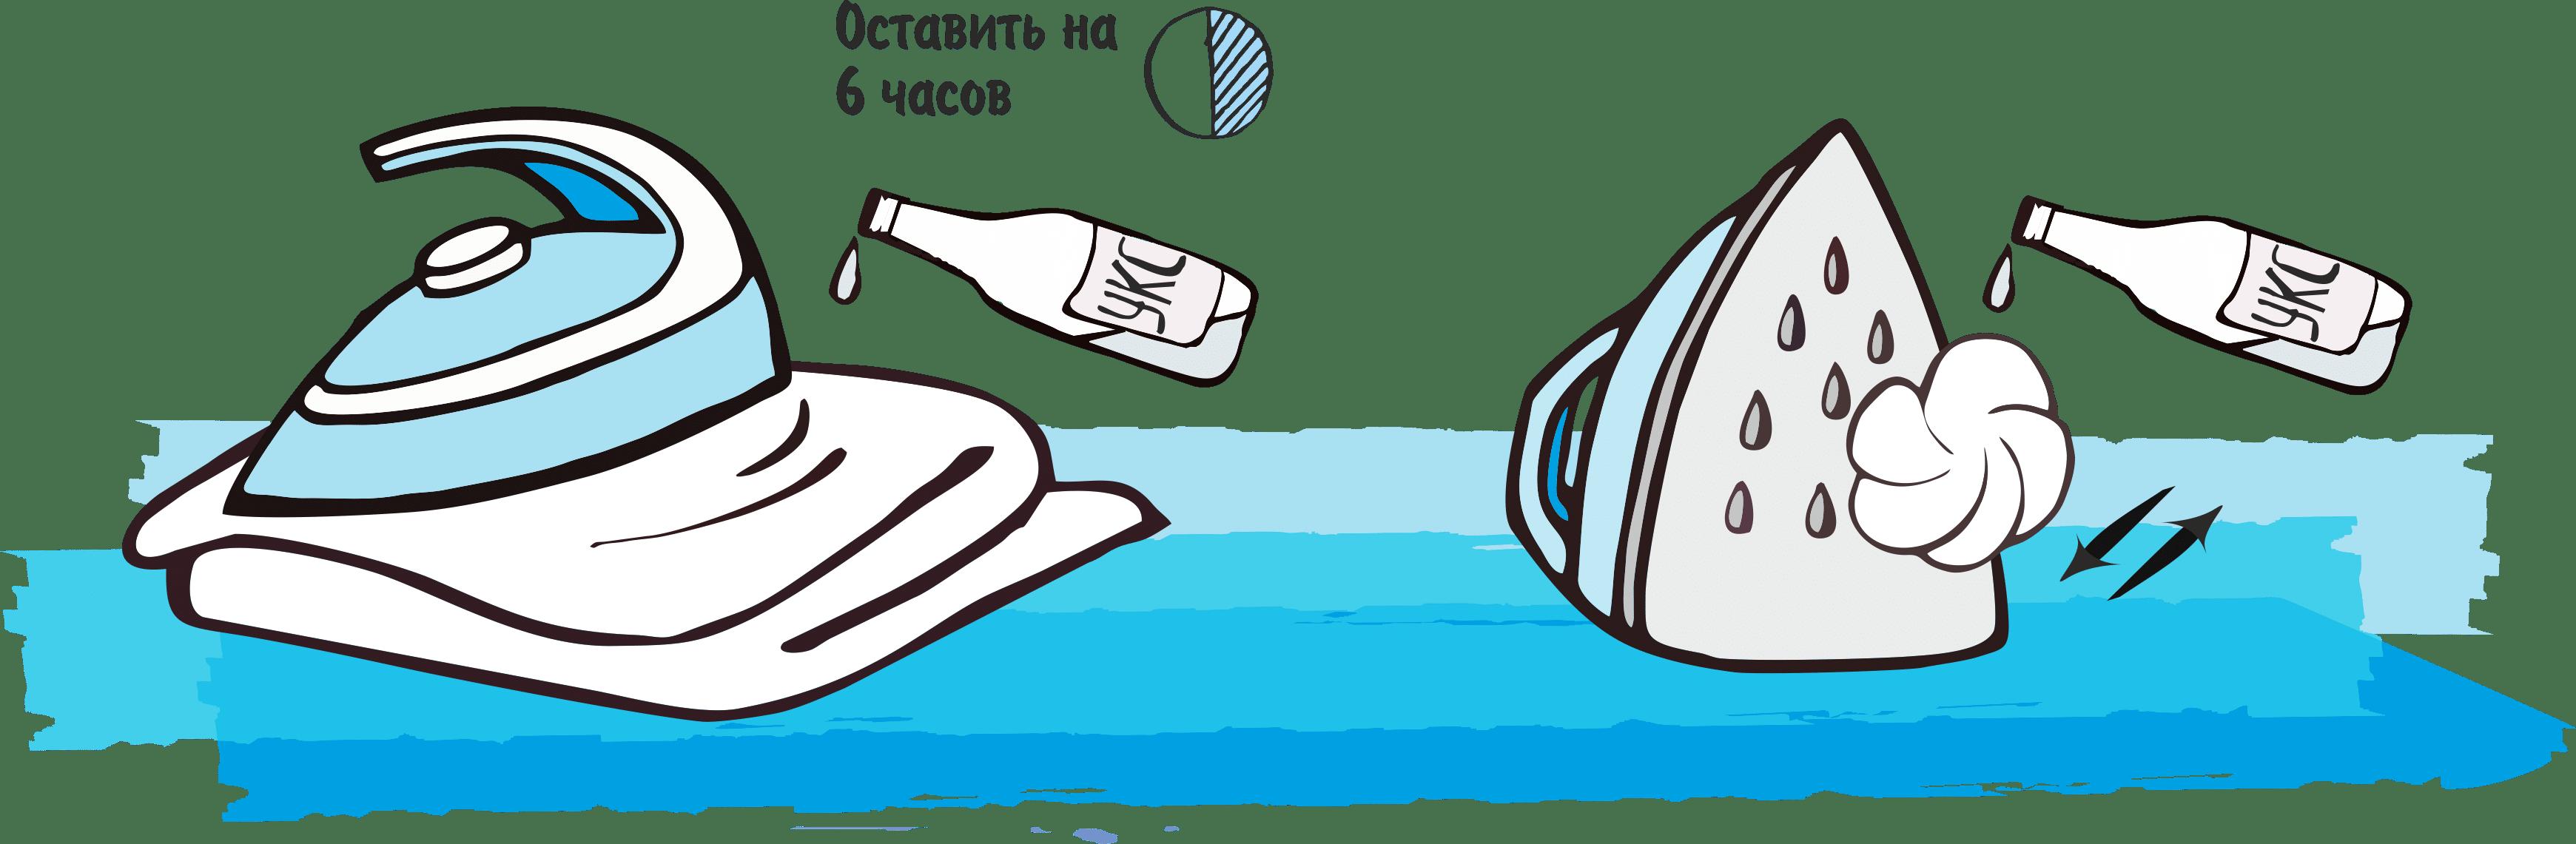 Чистка подошвы утюга уксусом